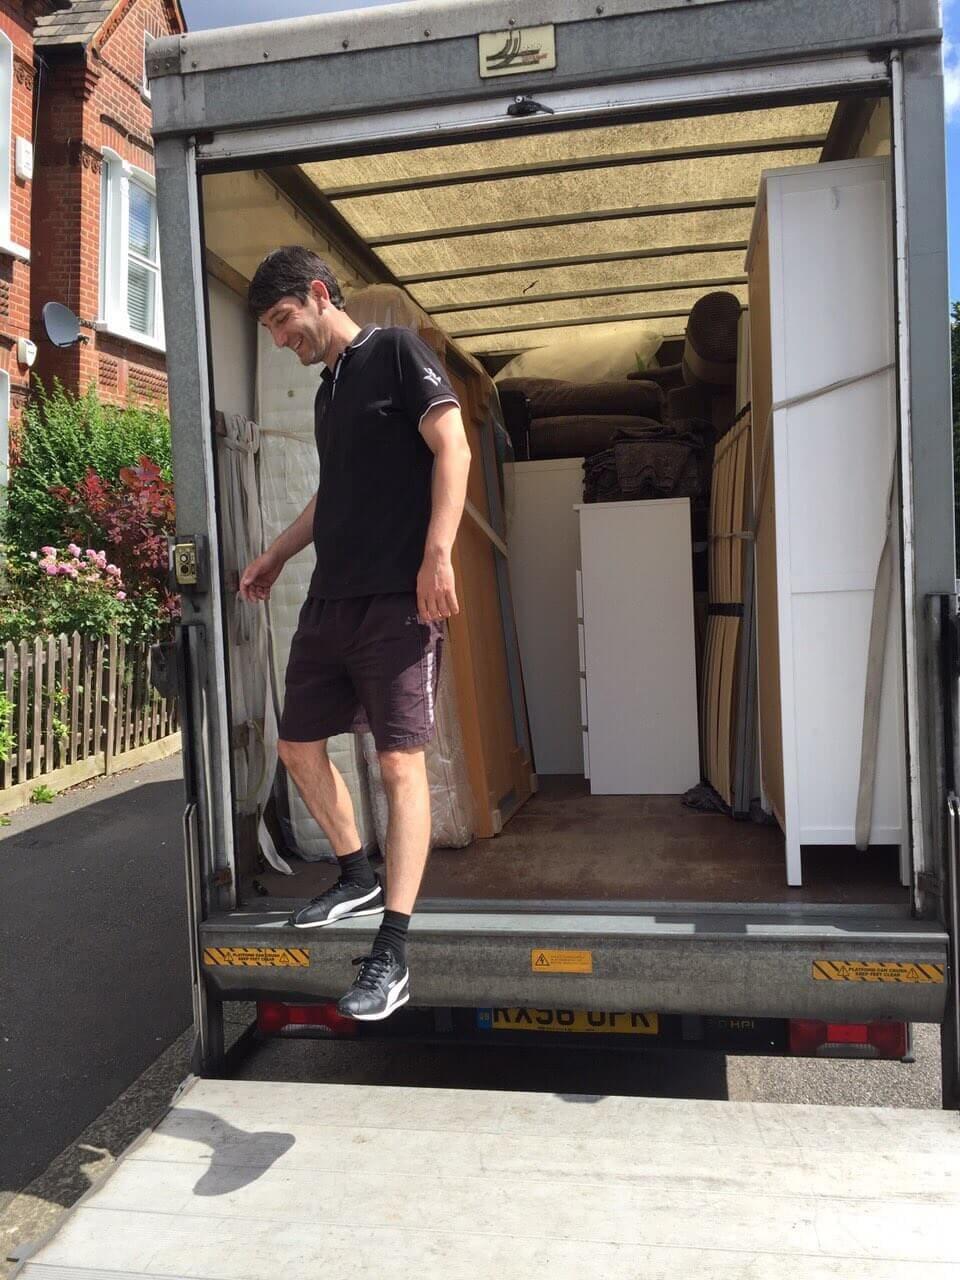 Hayes van with man UB3